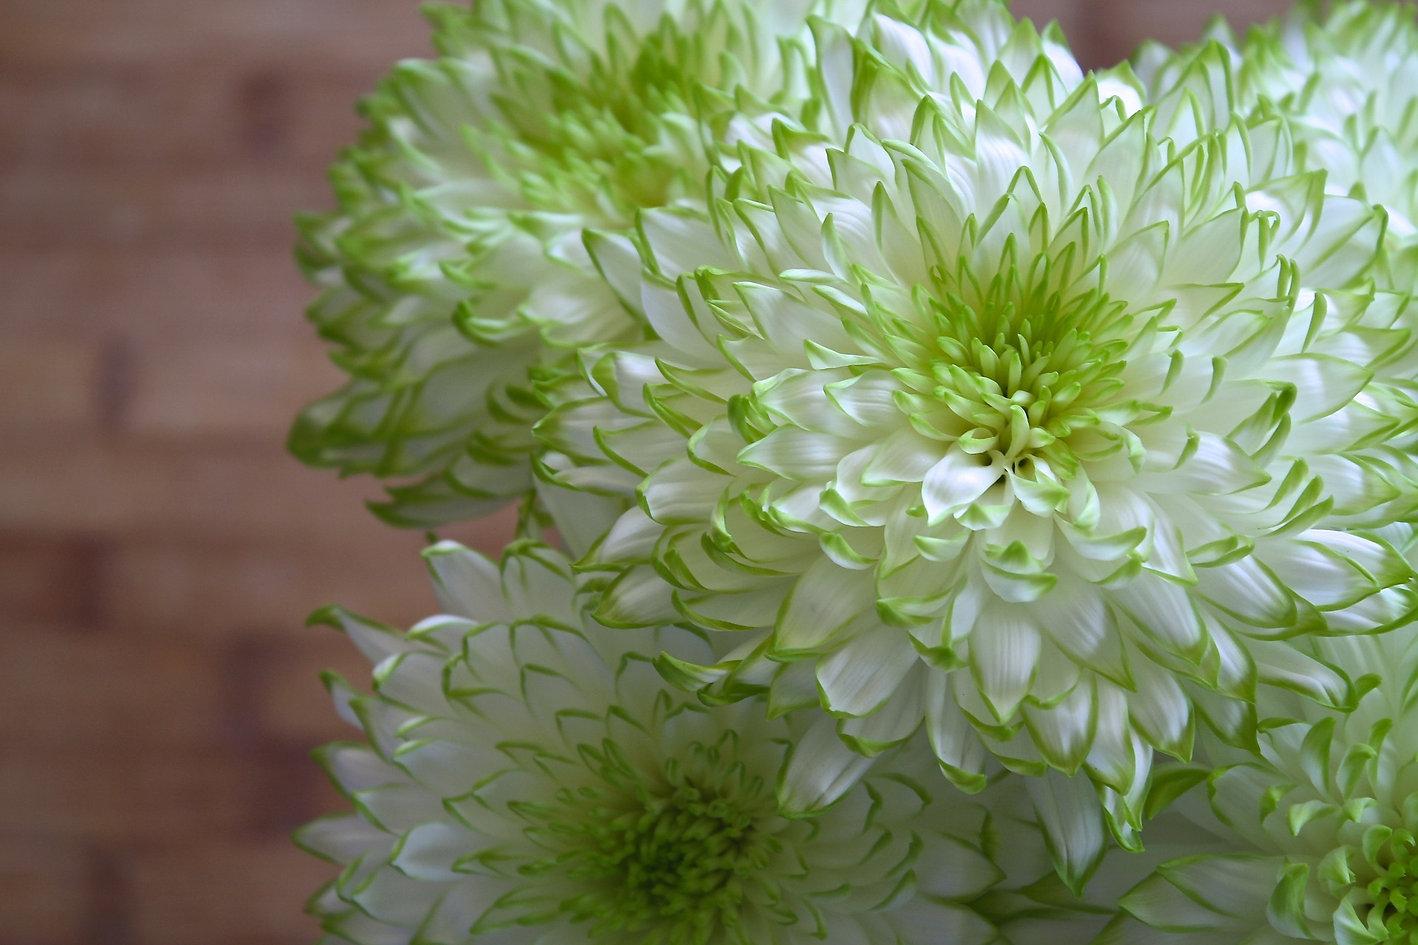 flowers-1417626_1920.jpg